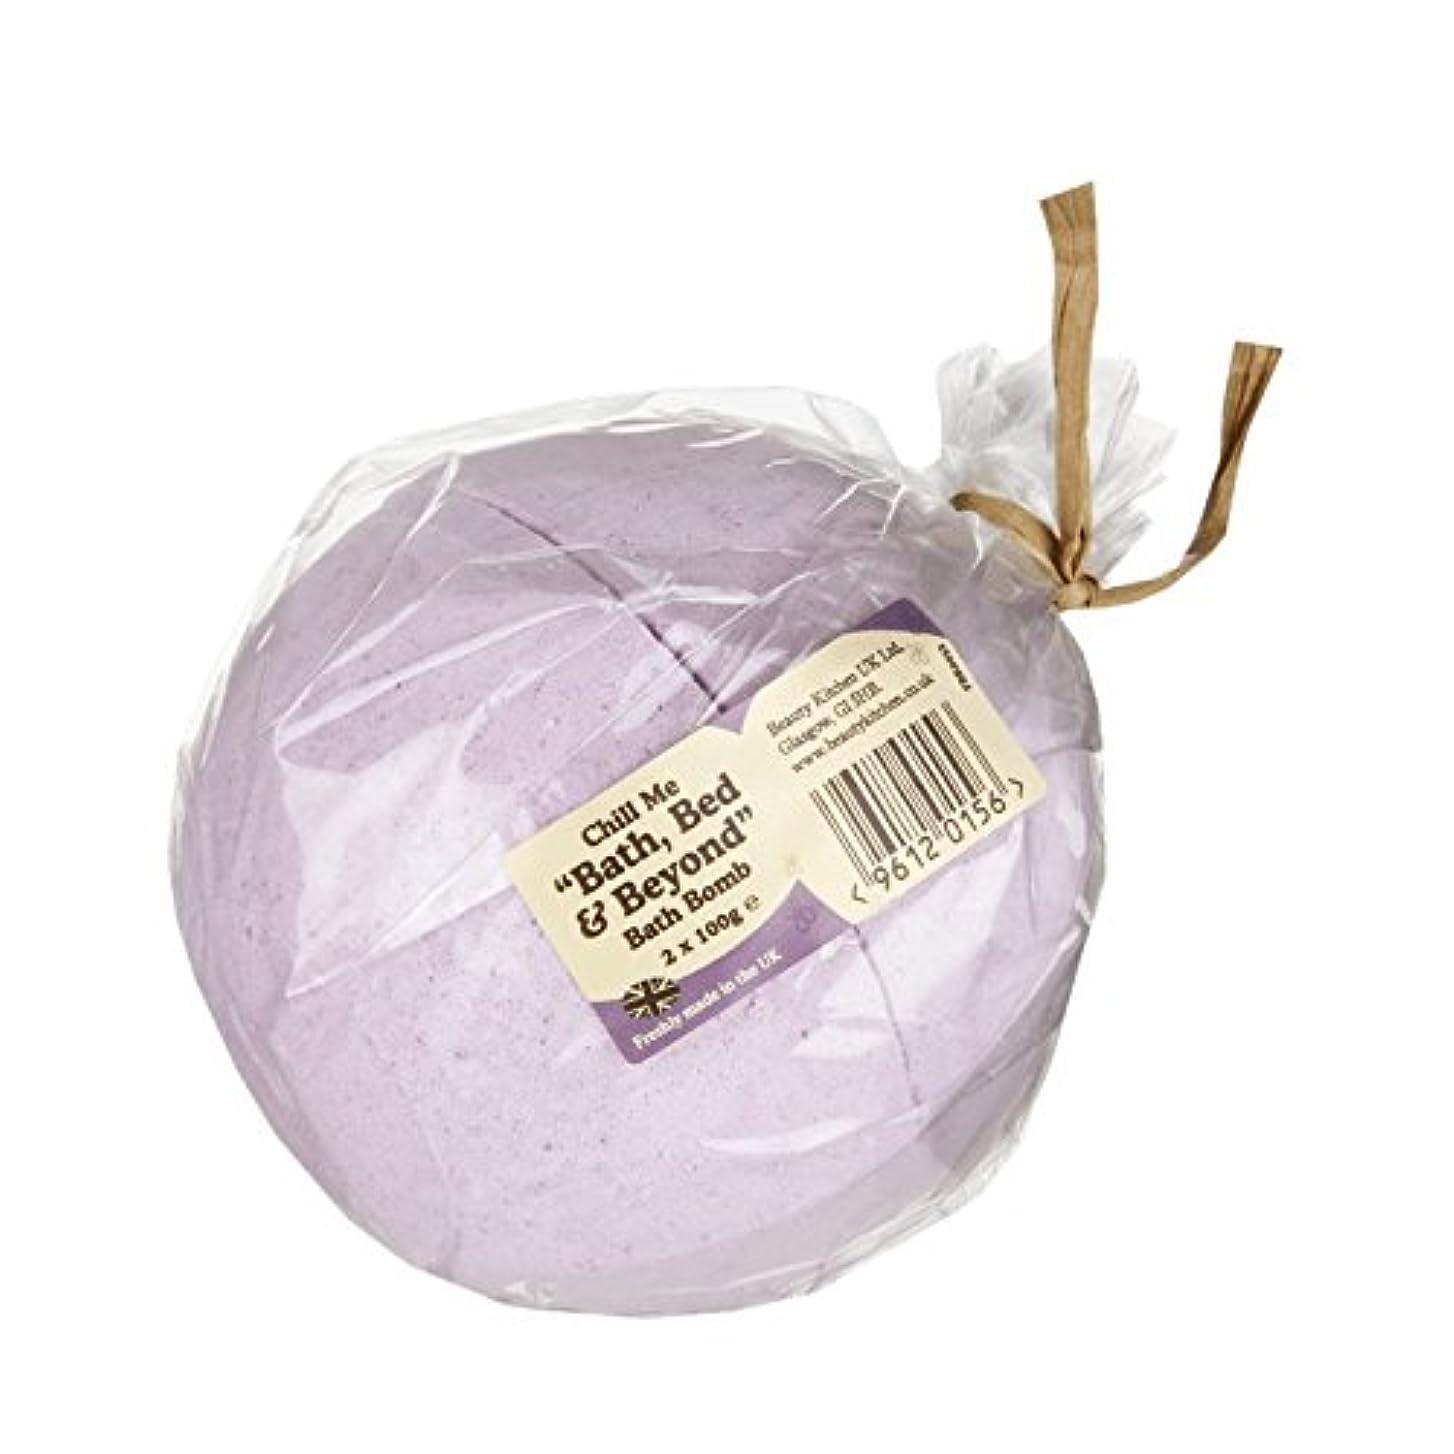 野心首漂流Beauty Kitchen Chill Me Bath, Bed & Beyond Bath Bomb 2 x 100g (Pack of 2) - 美しさのキッチンには、バスタブ、ベッド&バス爆弾2×100グラムを超...